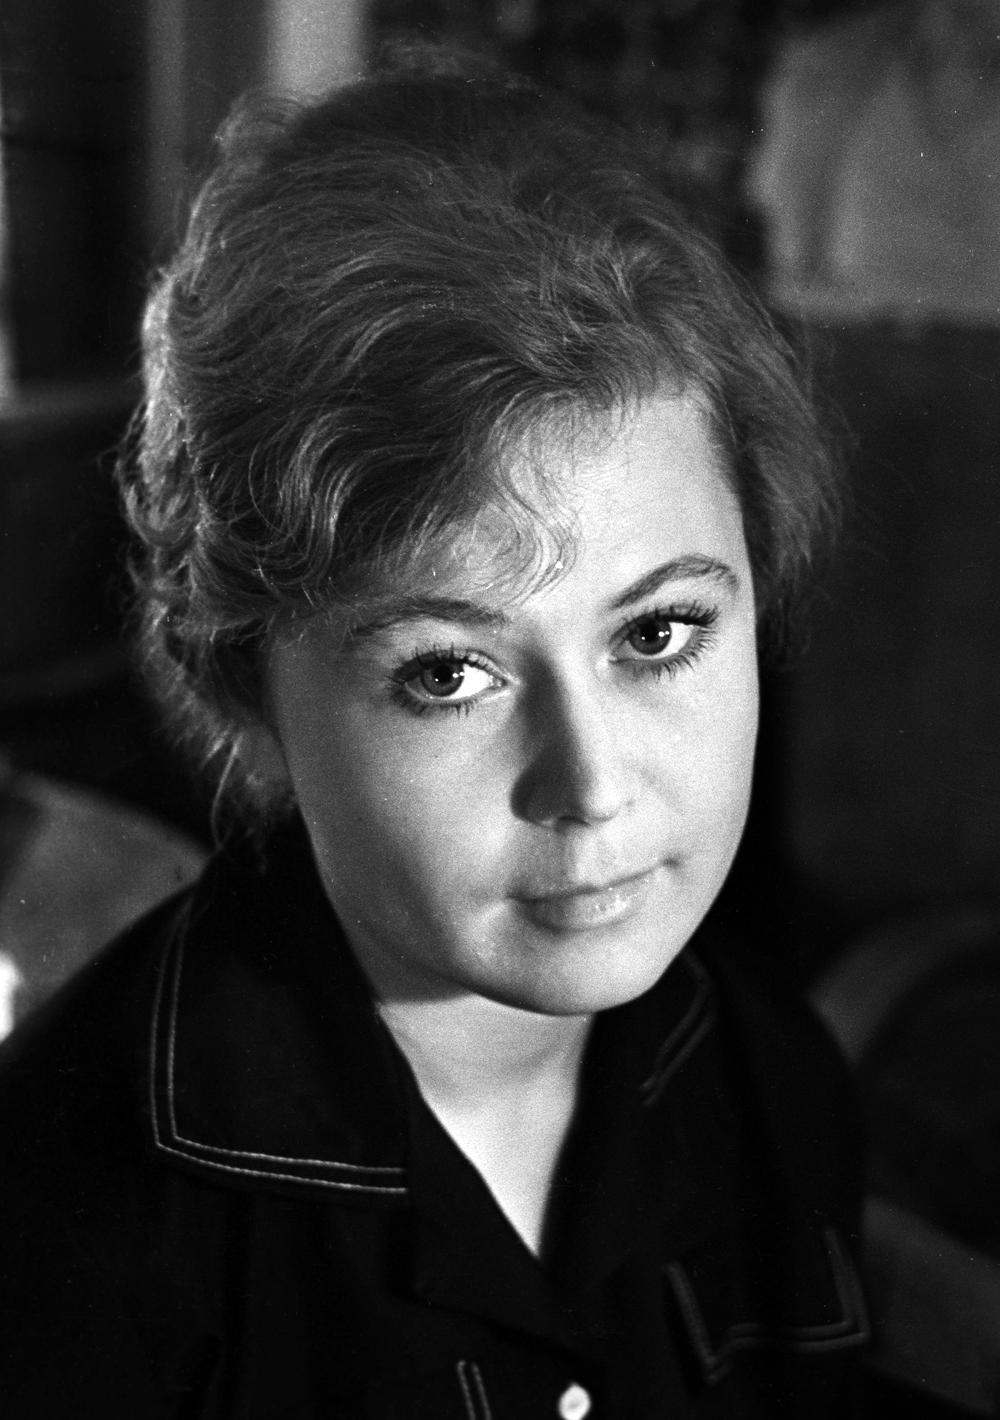 Светлана Немоляева в Московском театре имени Владимира Маяковского. 1960 г.